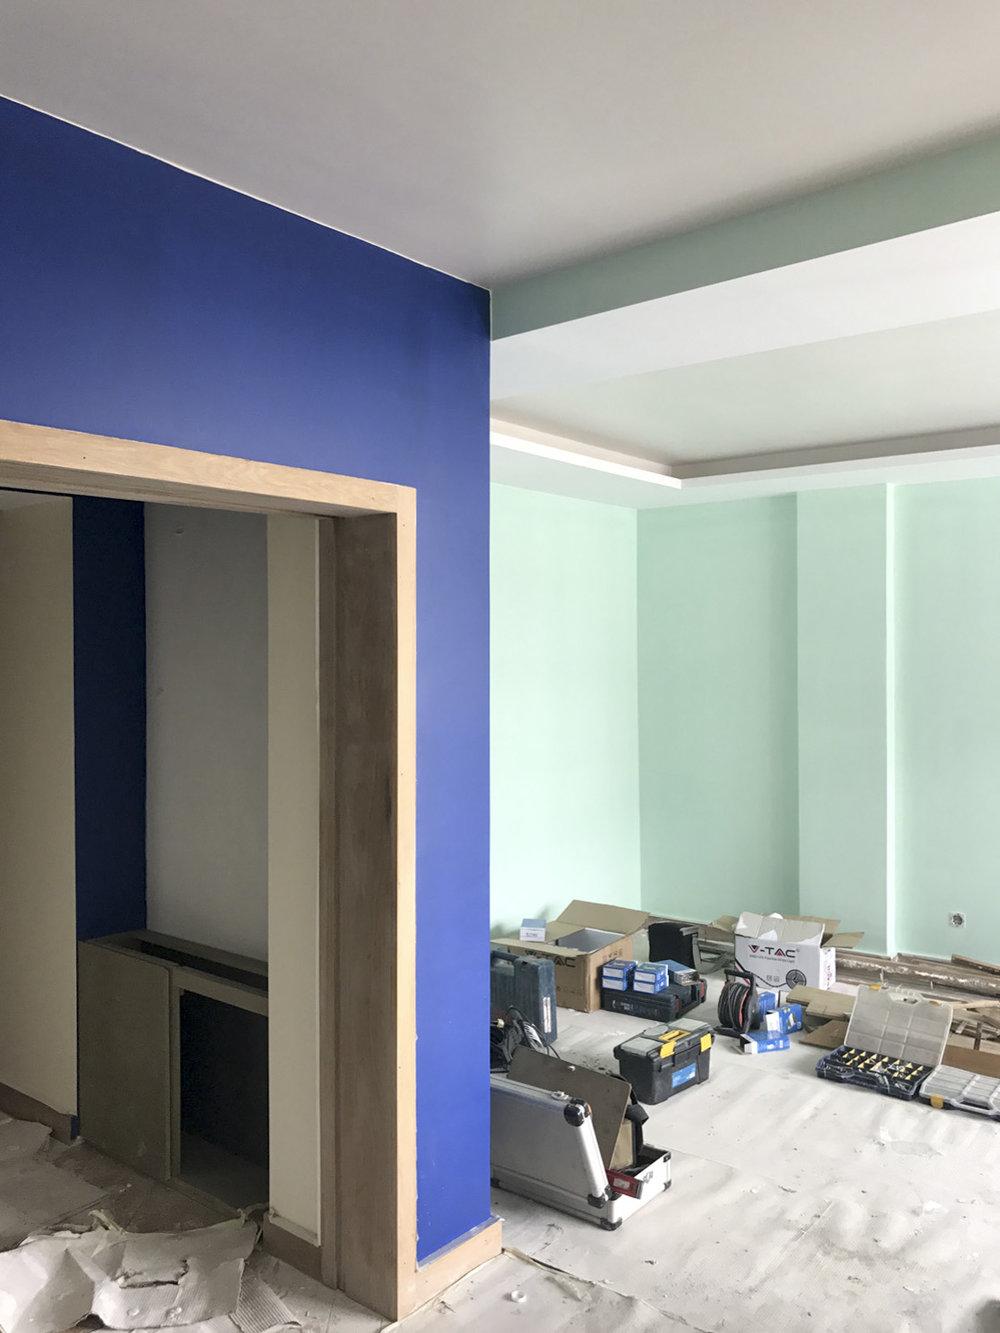 Apartamento Azul Farol - Porto - EVA evolutionary architecture - EVA atelier - Arquitecto - Remodelação (14).jpg